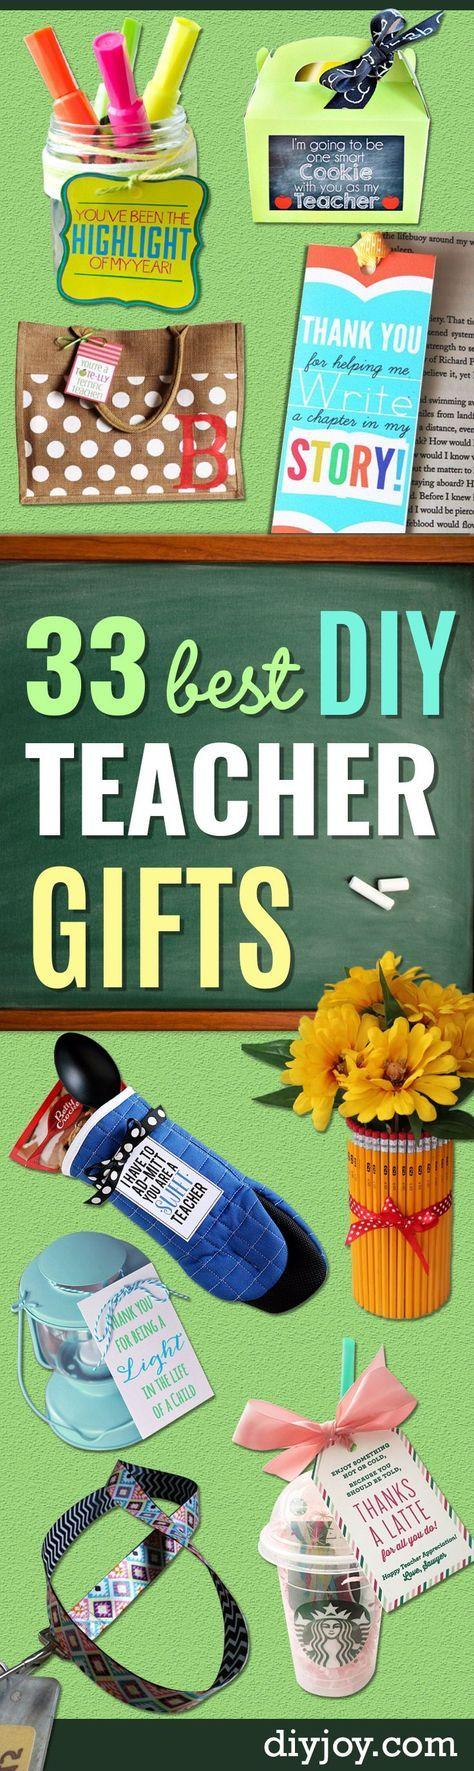 Scrapbook ideas goodbye - 33 Best Diy Teacher Gifts